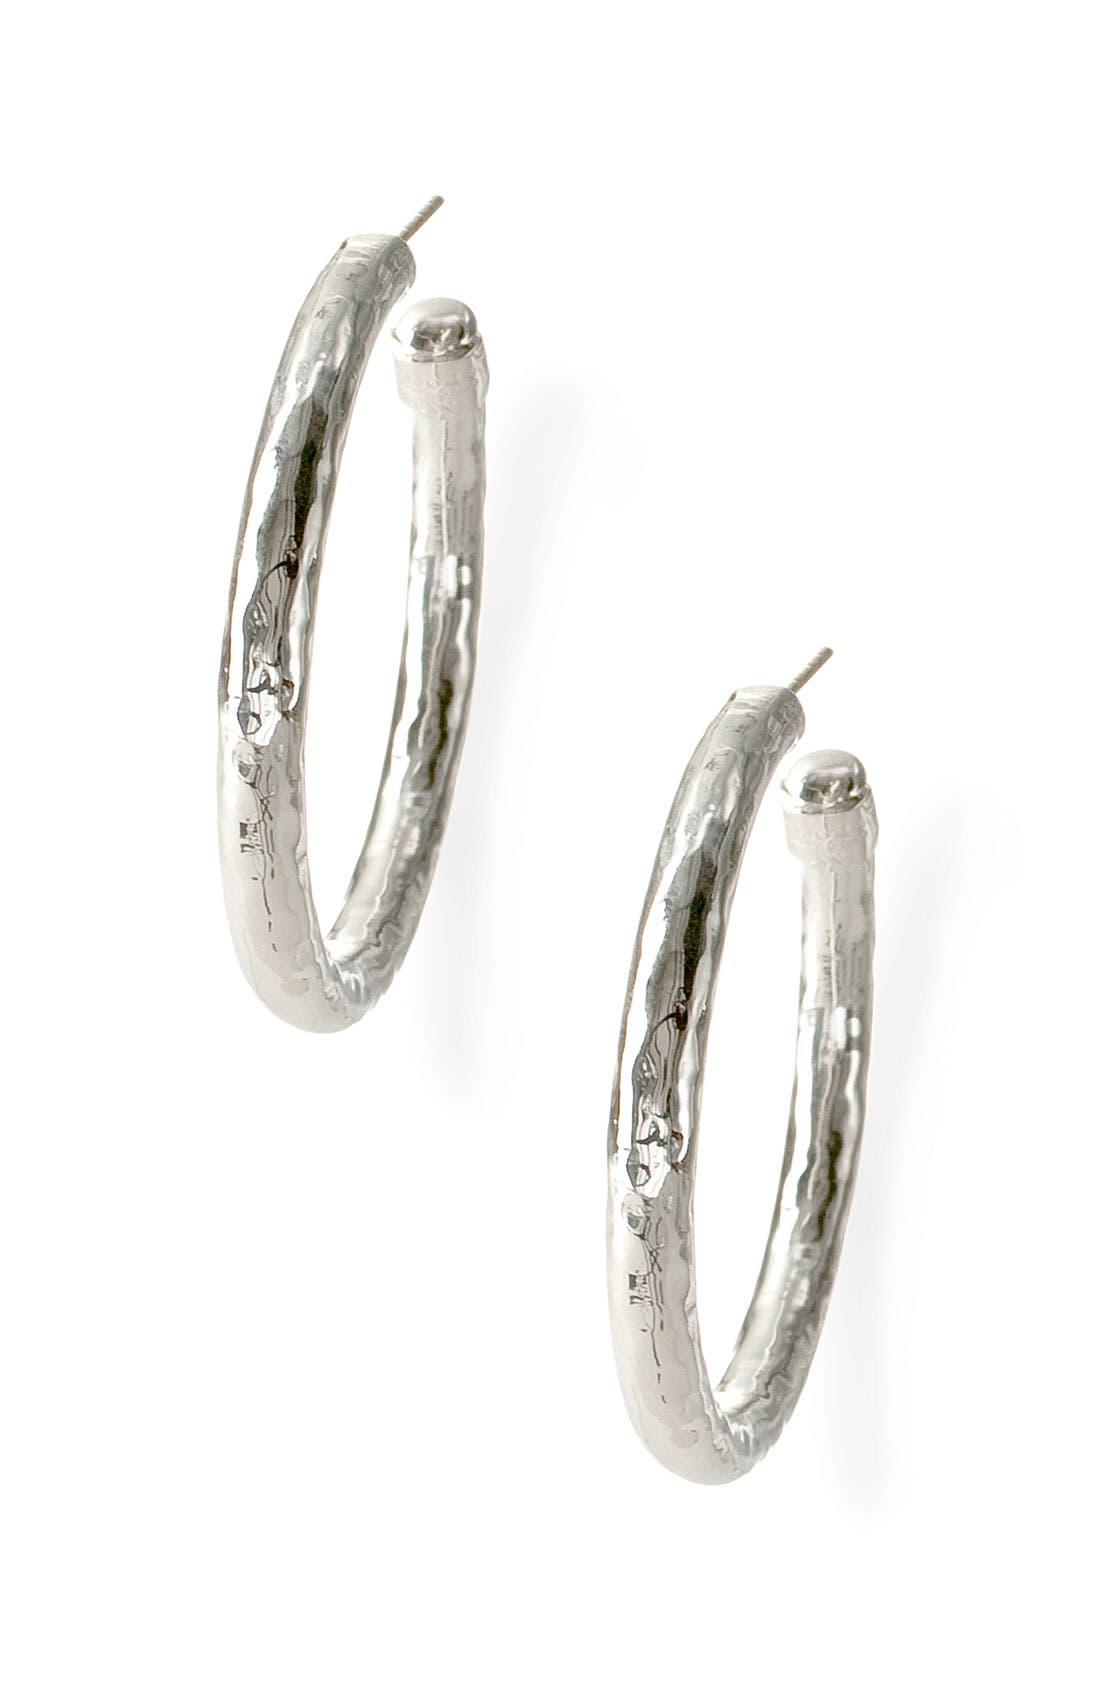 Ippolita 'Glamazon - Number 3' Skinny Hammered Hoop Earrings